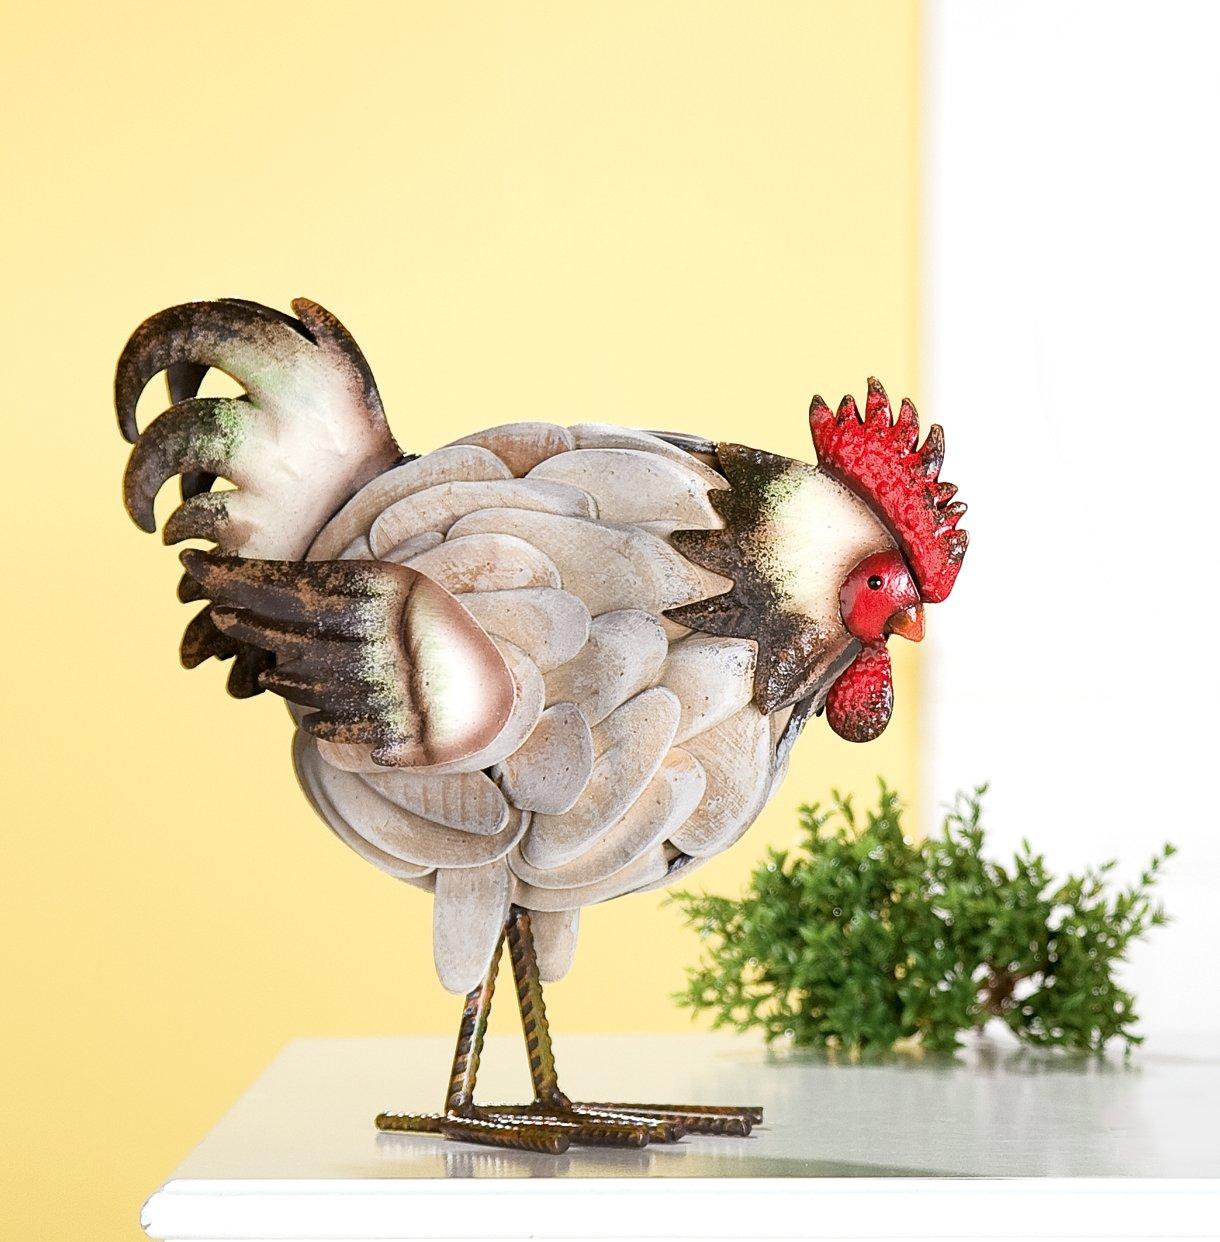 Deko Figur HENNE Metall + Treibholz Huhn stehend: Amazon.de: Küche ...